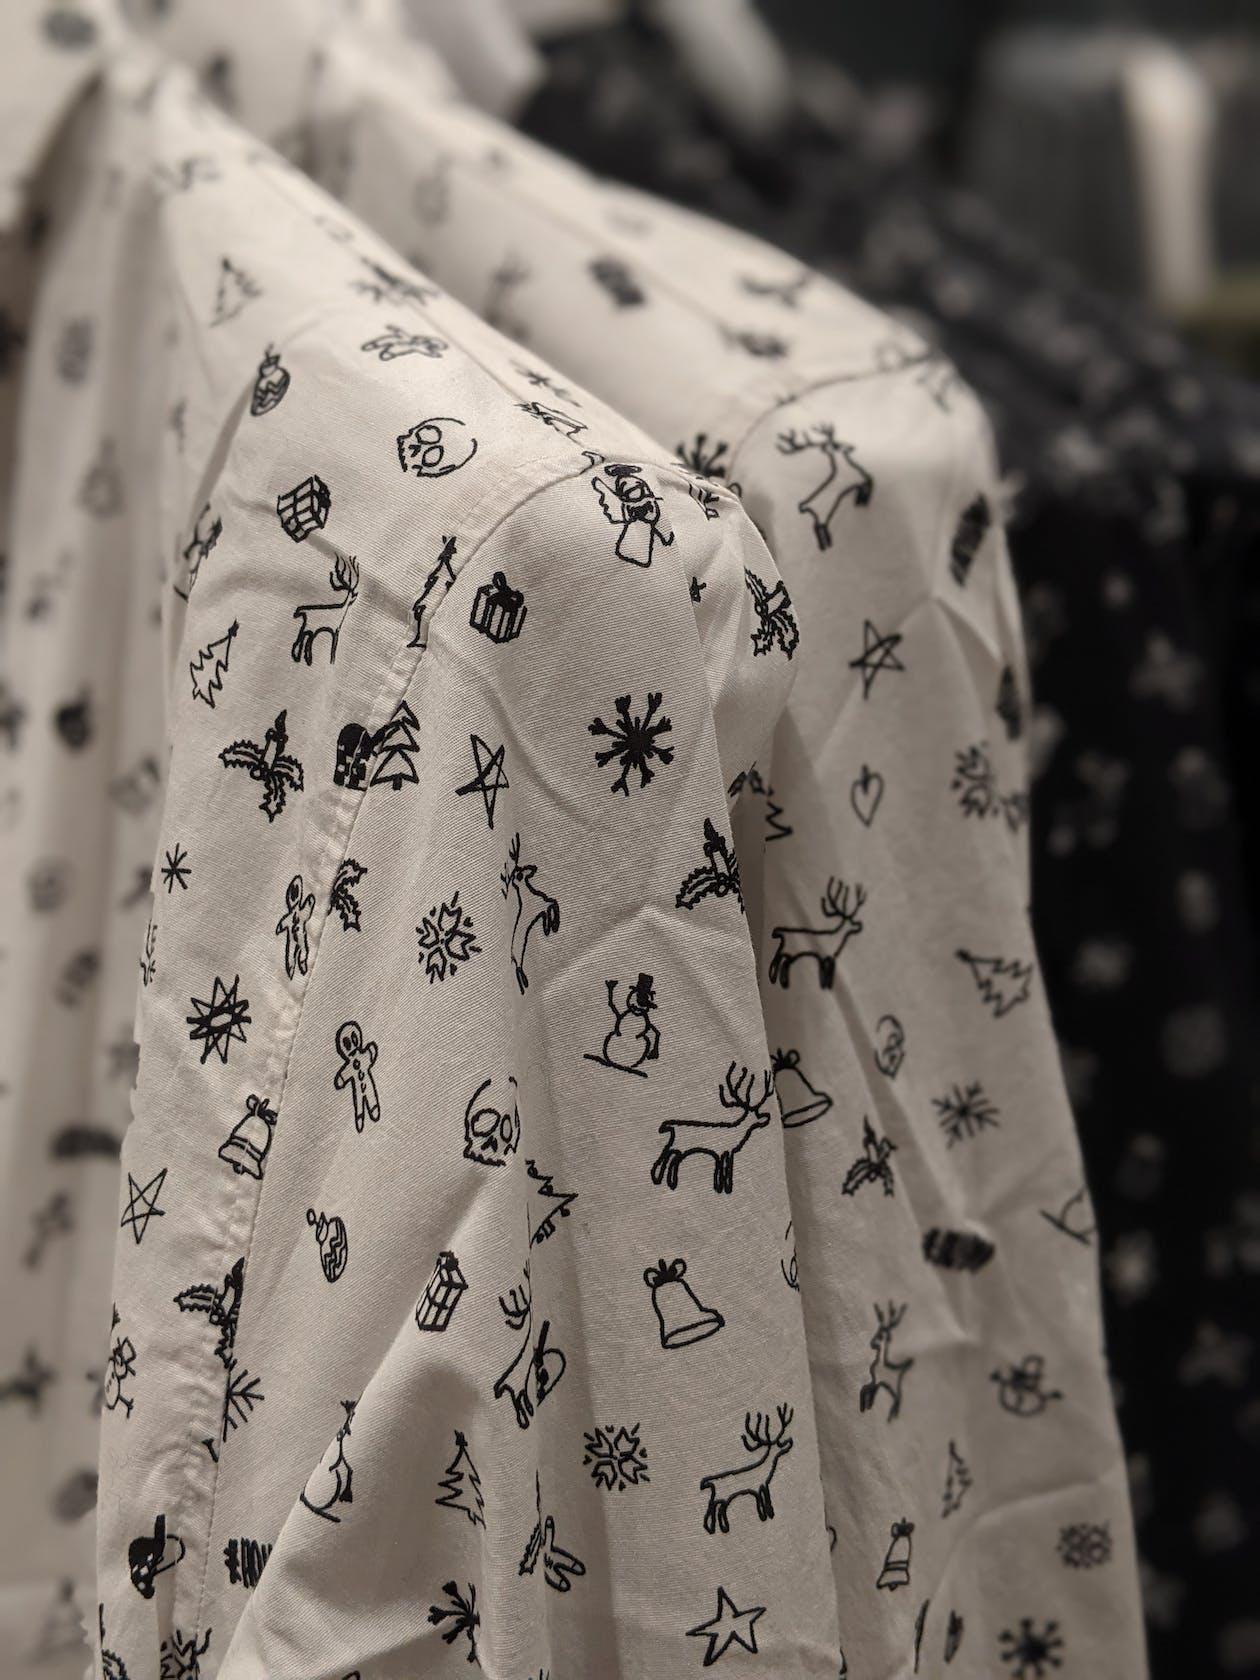 weiße und dunkelblaue Hemden mit weihnachtlichen Motiven für Herren